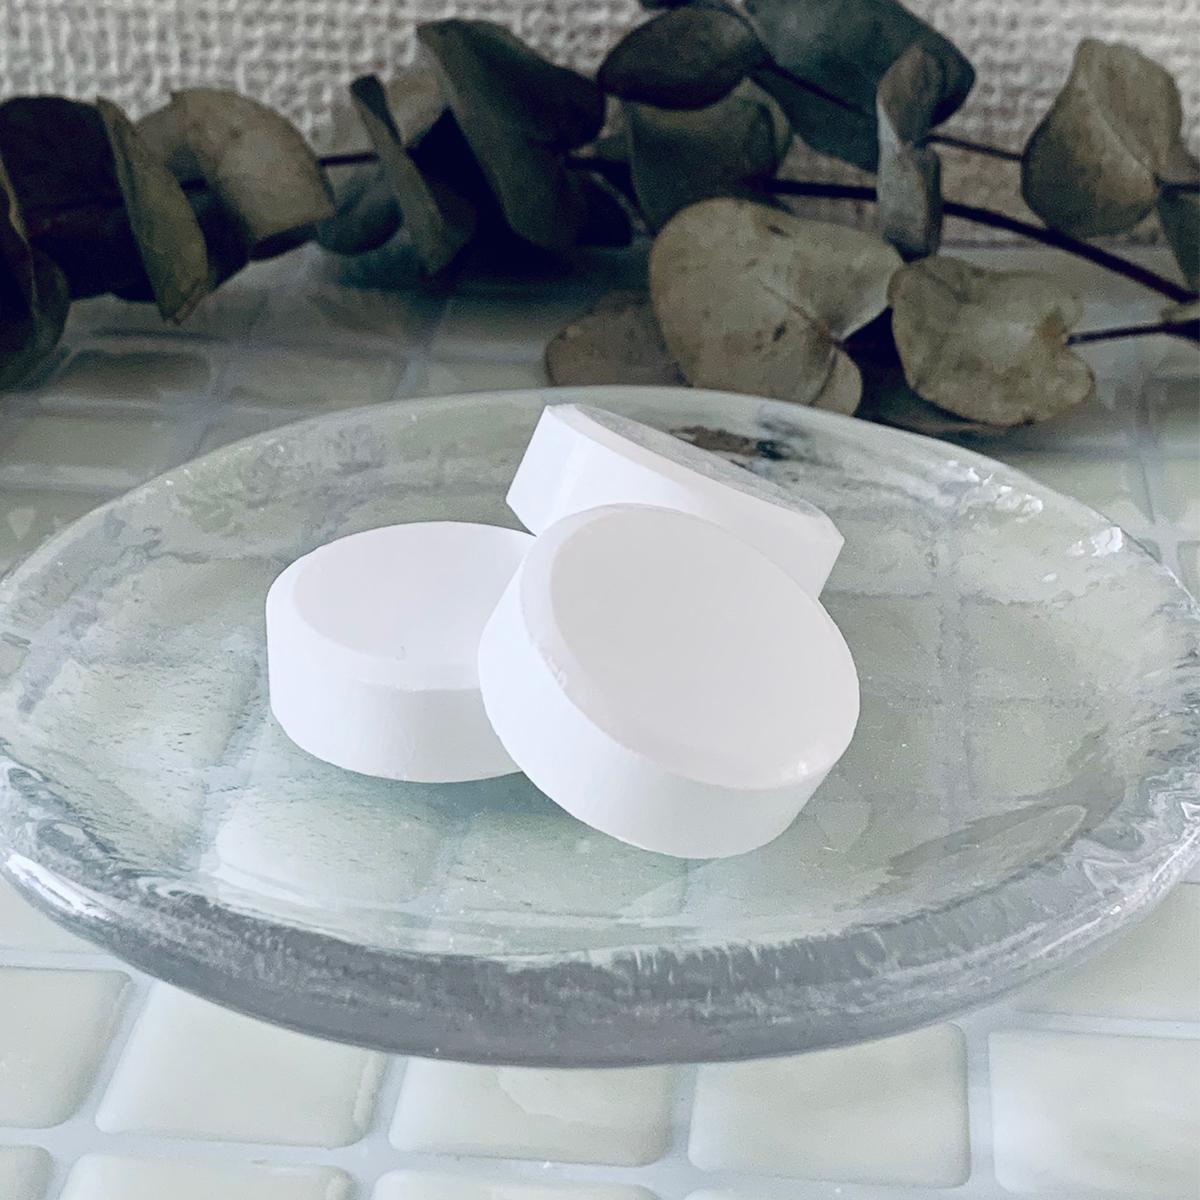 血流が上がると、疲労物質や老廃物も流れて、排出しやすくなるので、入浴後は、心地よい汗とともに、疲れがスッと抜けるよう。日本初!独自の高硬度マイクロカプセル技術が生んだ重炭酸湯のタブレット入浴剤|薬用Hot Tab(ホットタブ)